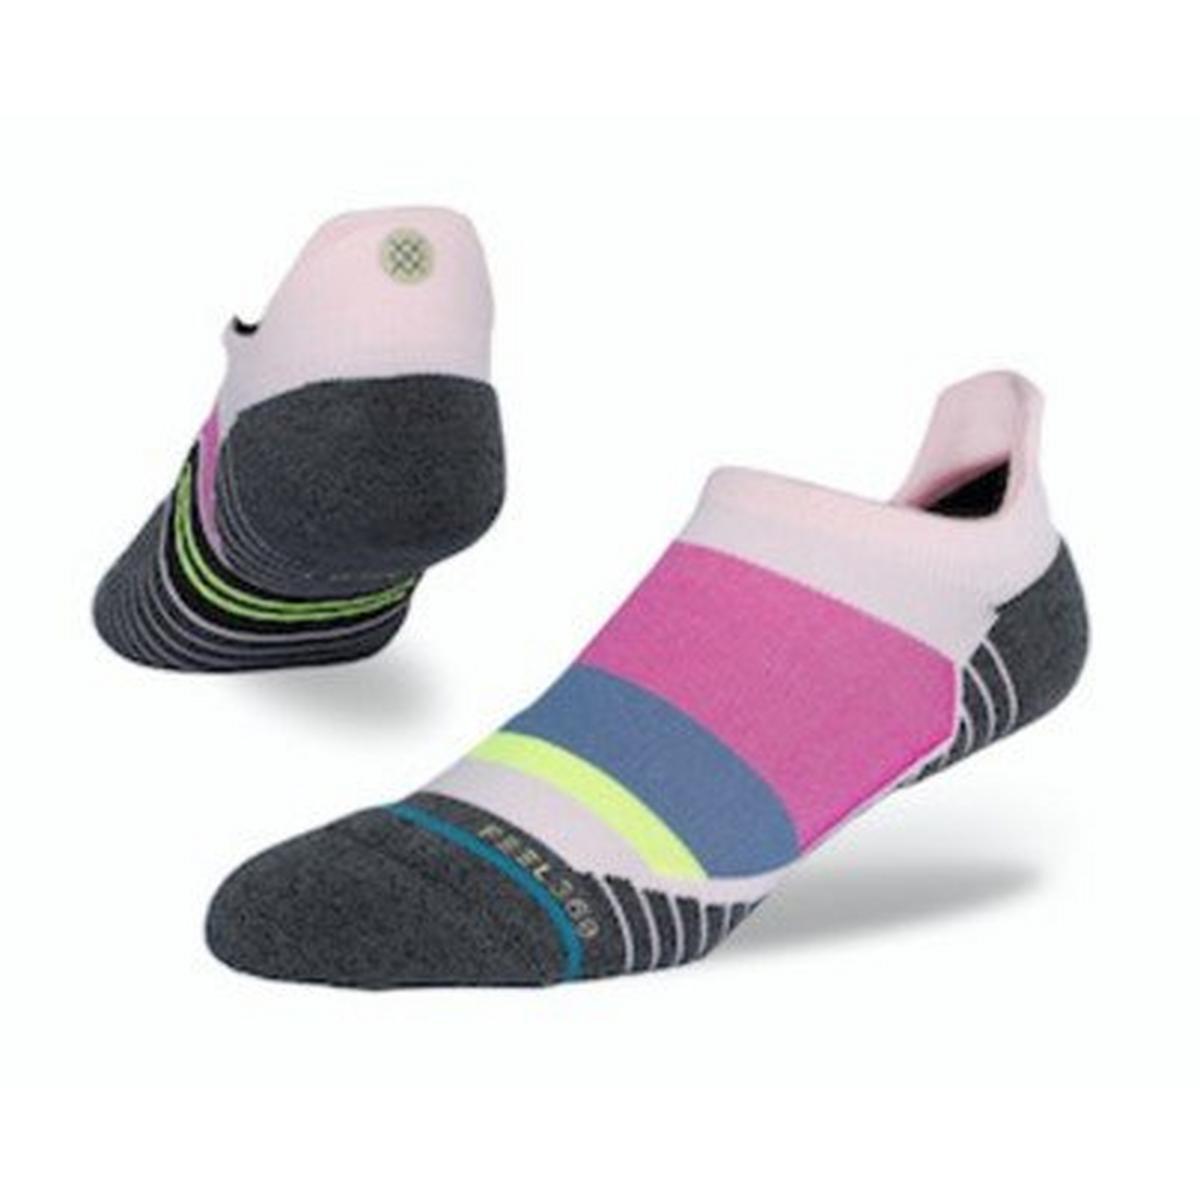 Stance Women's Spring Free Tab Socks - Pink